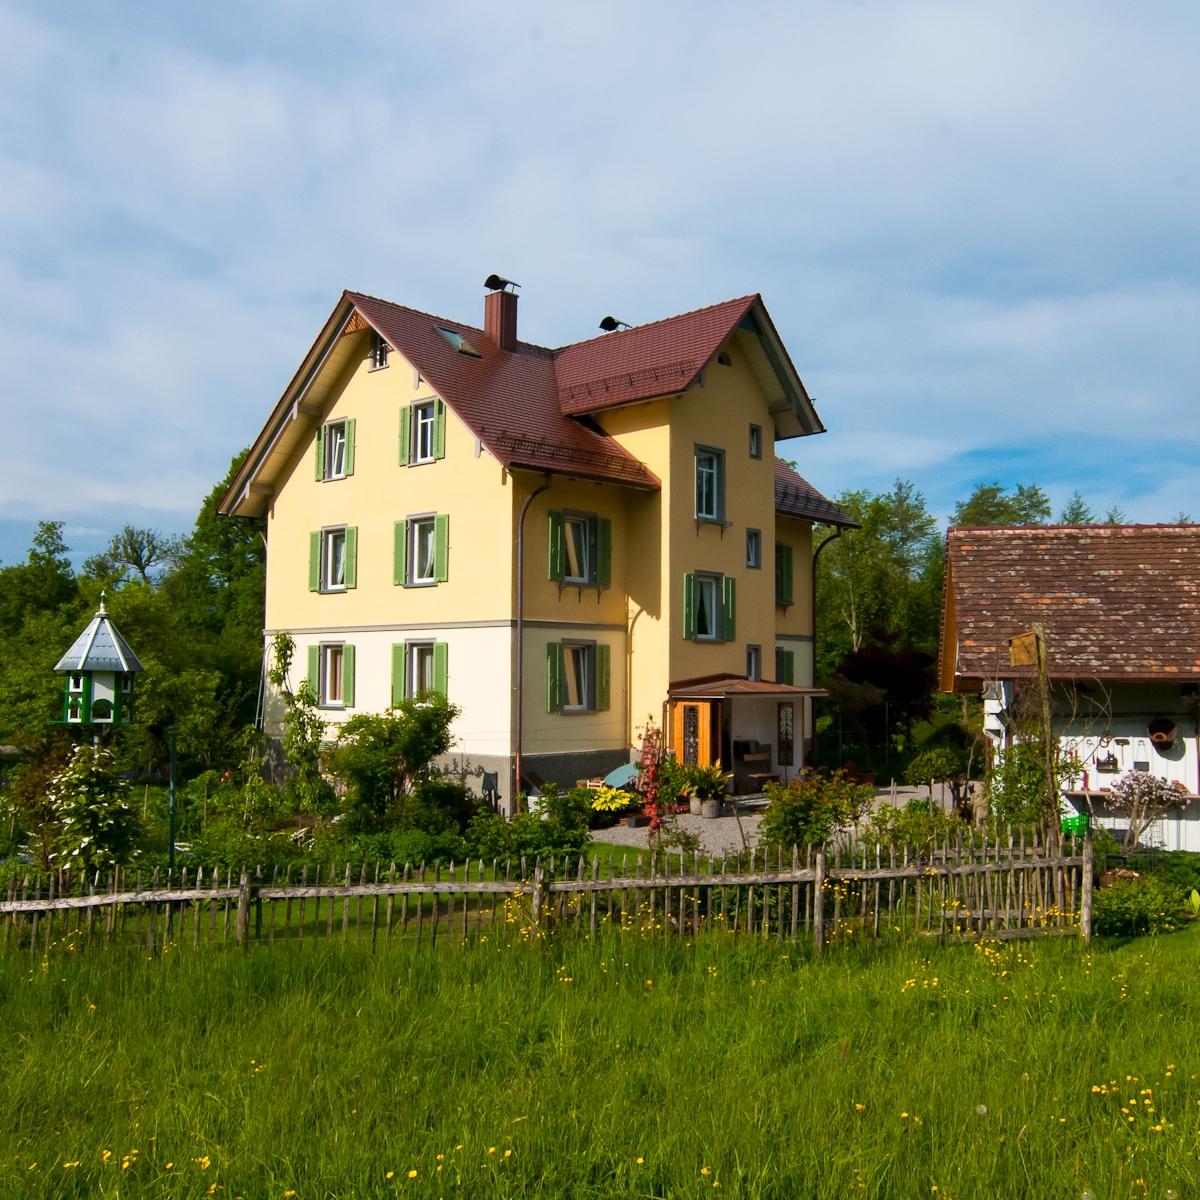 Ferienwohnungen am Bodensee